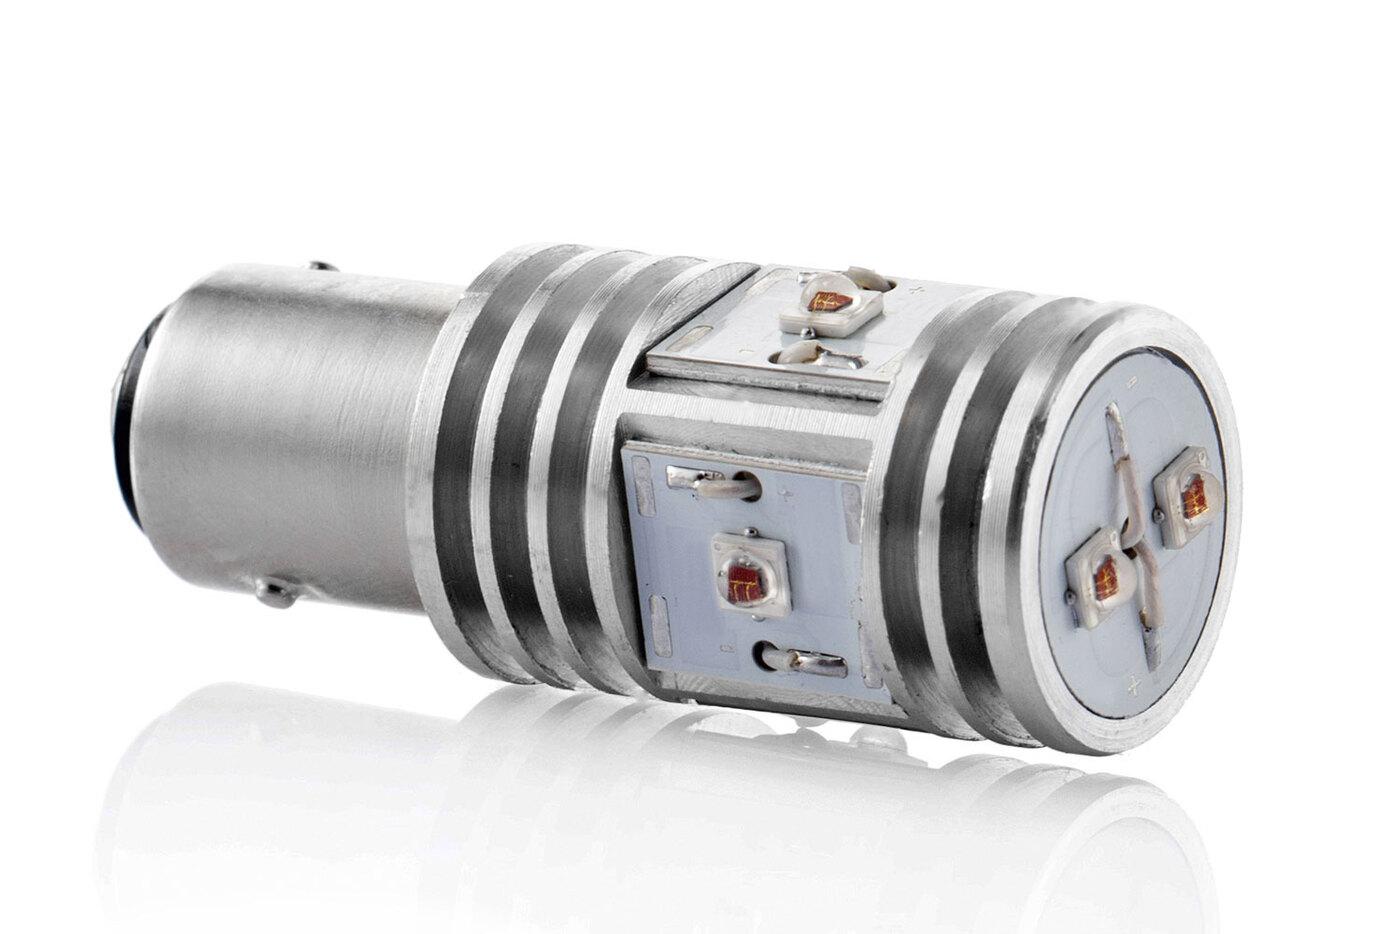 Автомобильная светодиодная лампа NeTuning P21/5W-6HL для задних габаритных огней, совмещенных со стоп сигналами, 60 / 800 Лм, 0,5 / 5 Вт, красный